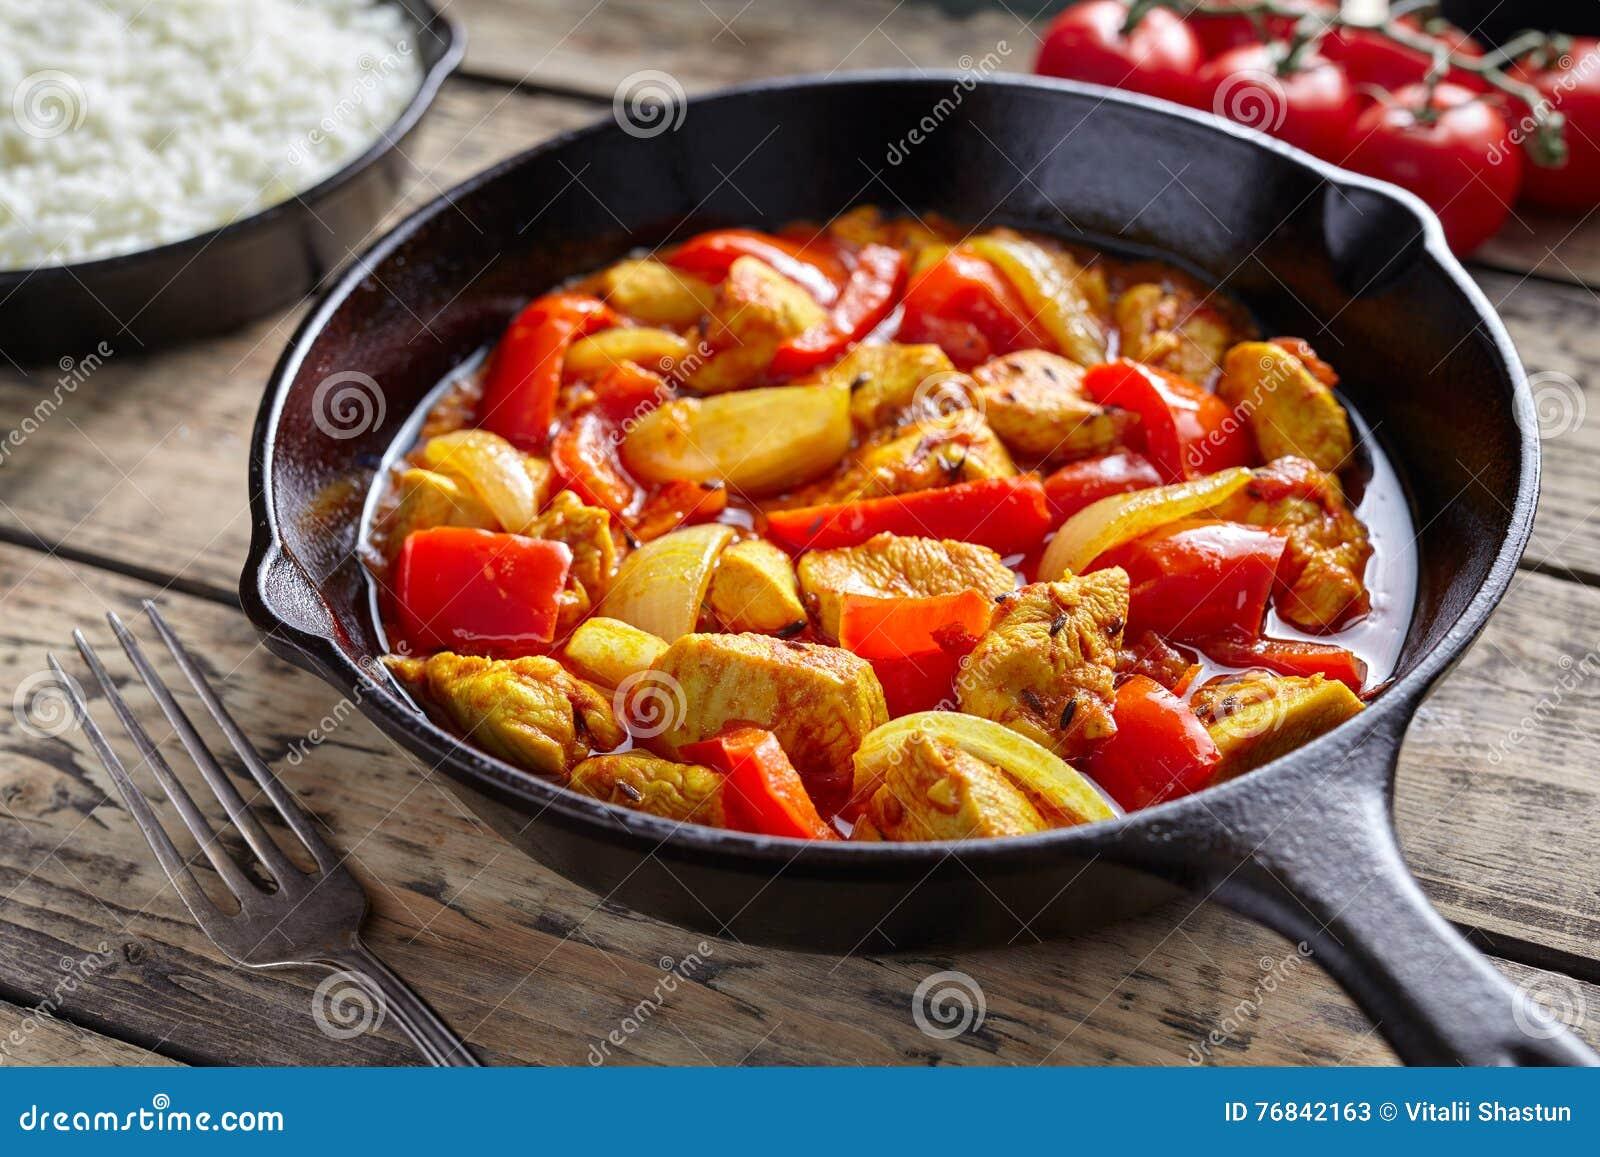 Карри ресторана культуры jalfrezi цыпленка мясо здорового традиционного индийского пряное зажаренное